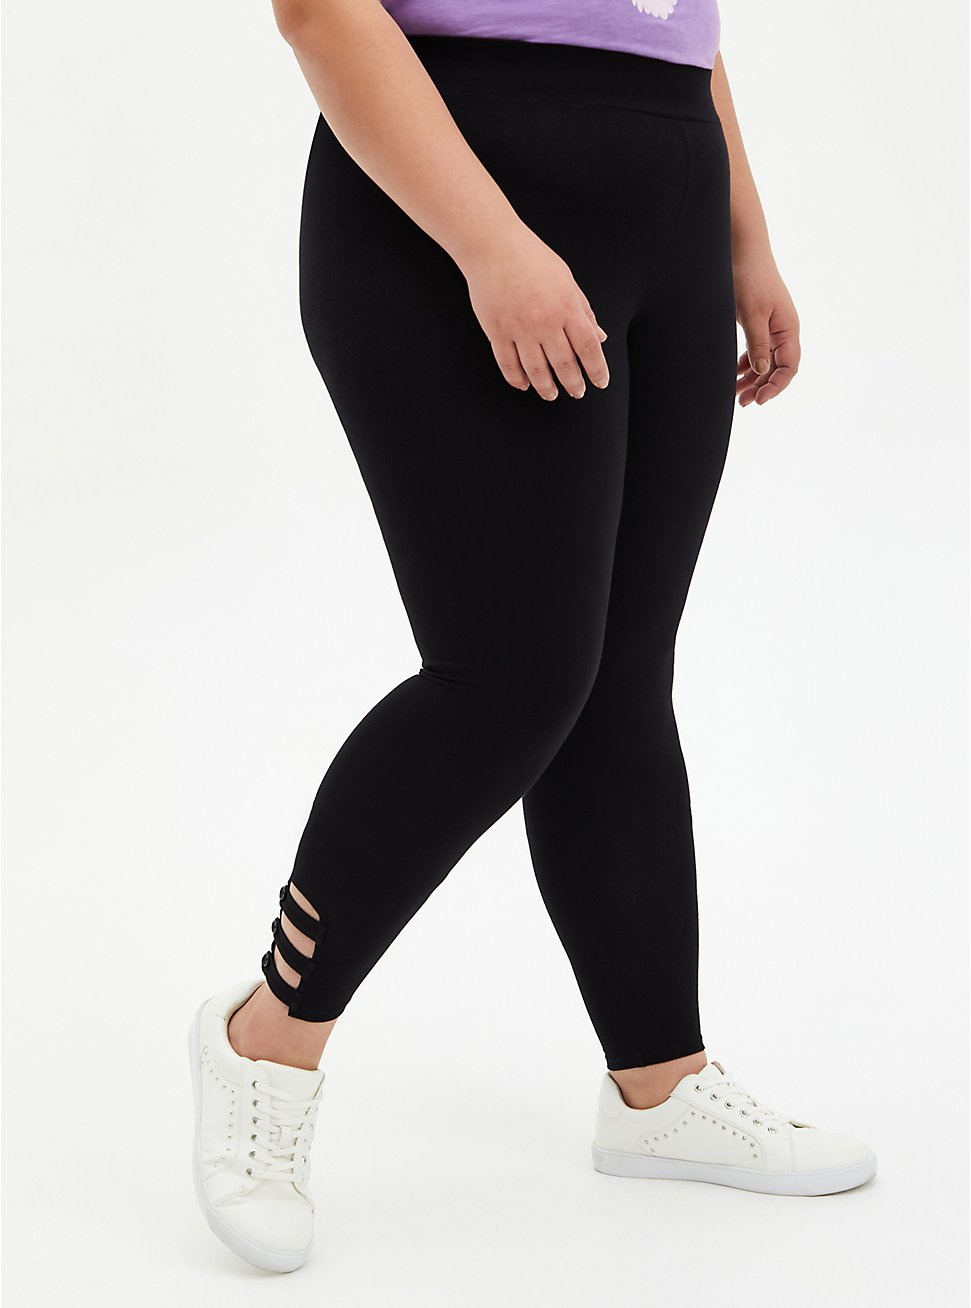 Premium Legging - Lattice Ankle With Button Black, BLACK, hi-res